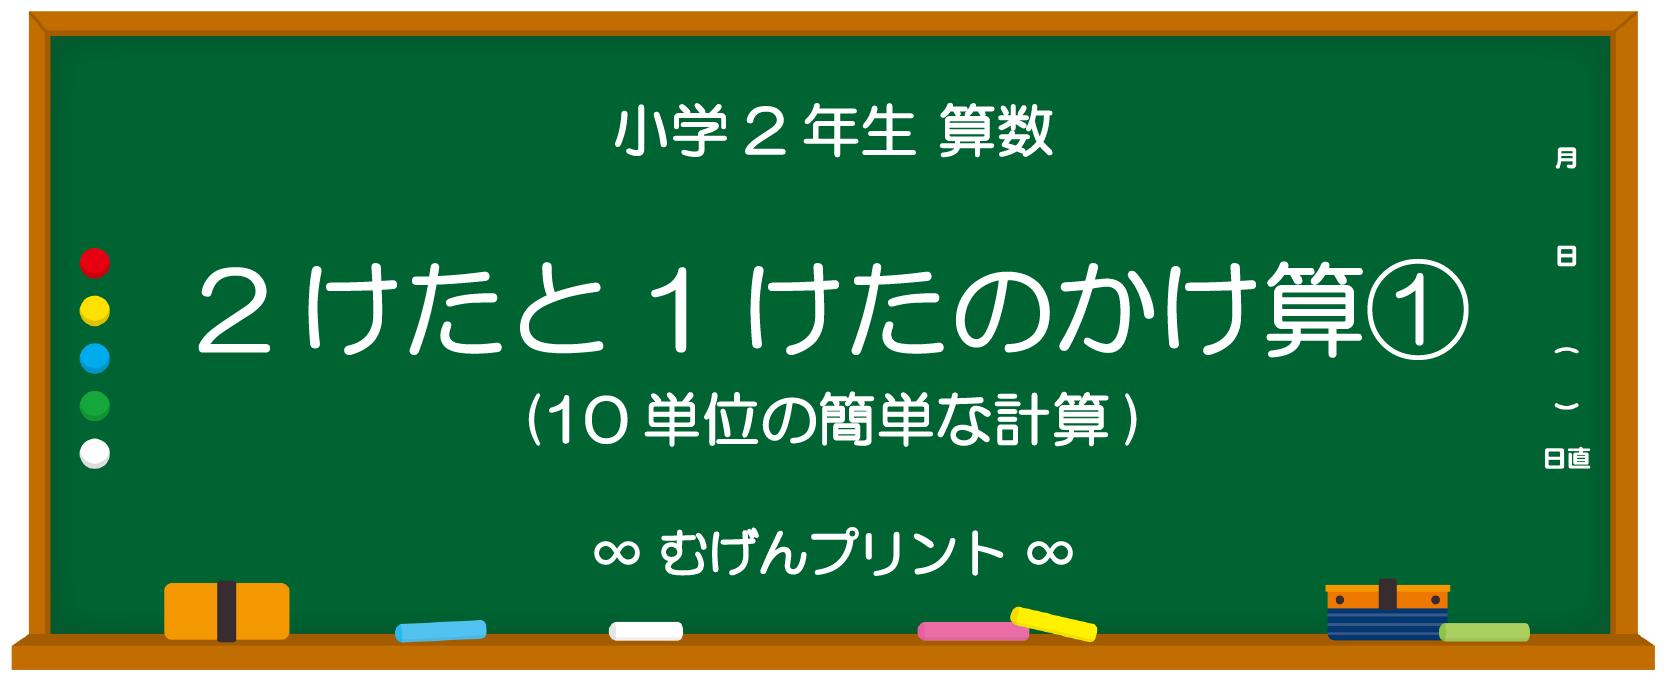 【小2 算数 無料プリント/ミニテスト/ドリル】2けたと1けたのかけ算①(10単位の簡単な計算)